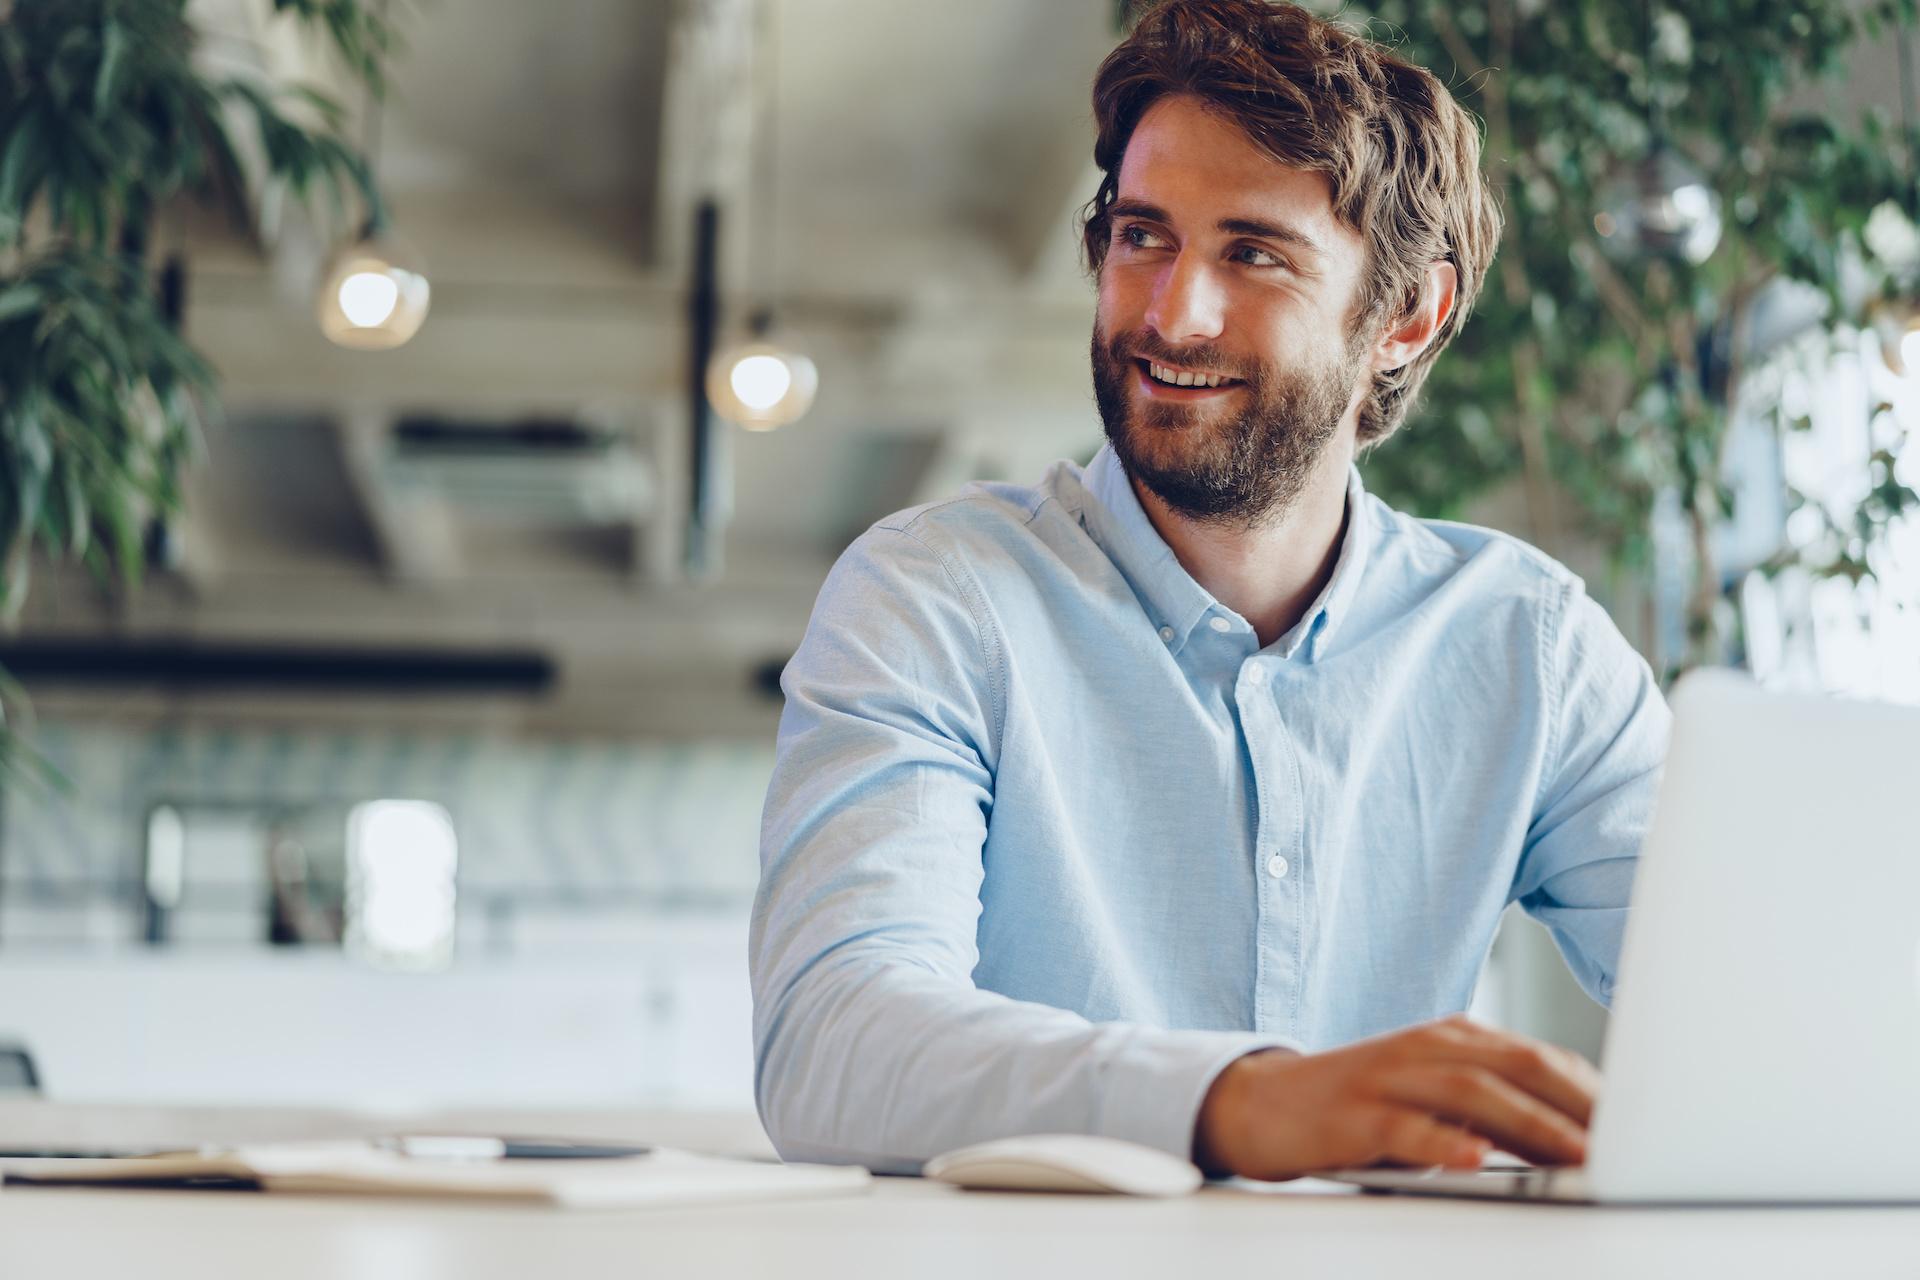 employee blue shirt laptop work smile sit brown hair